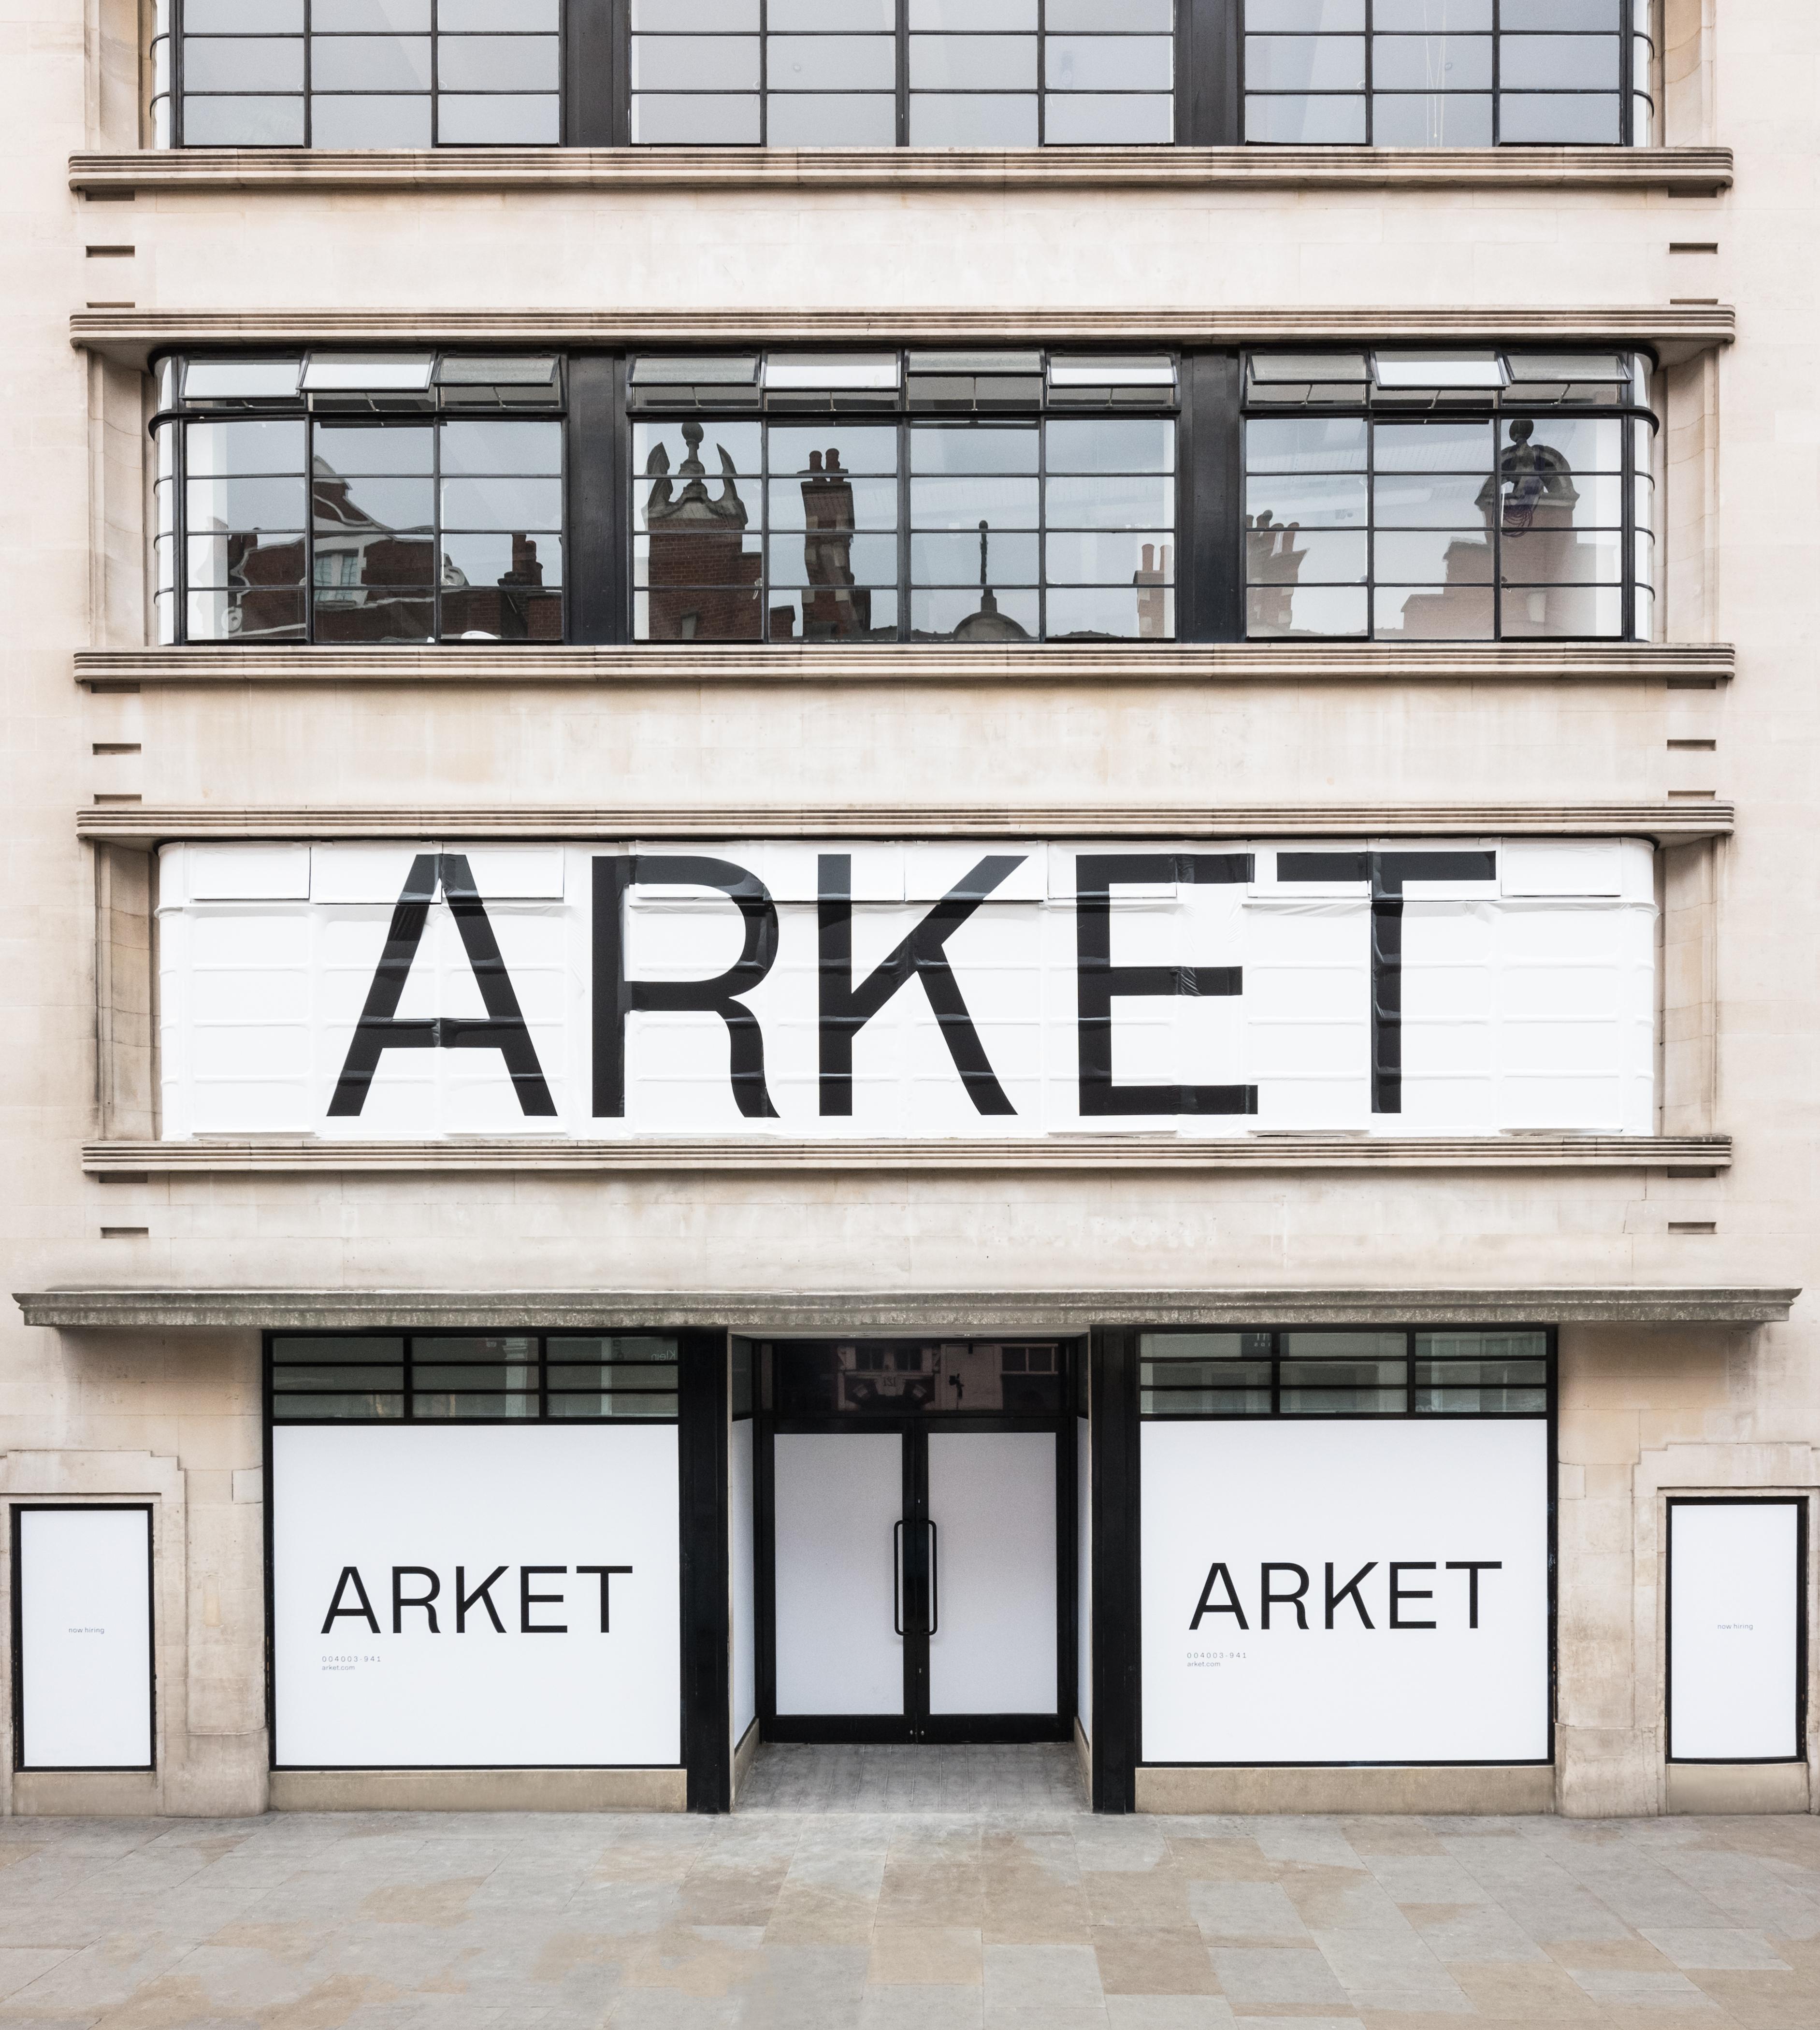 ARKET pierwsze zdjęcia nowej marki H&M